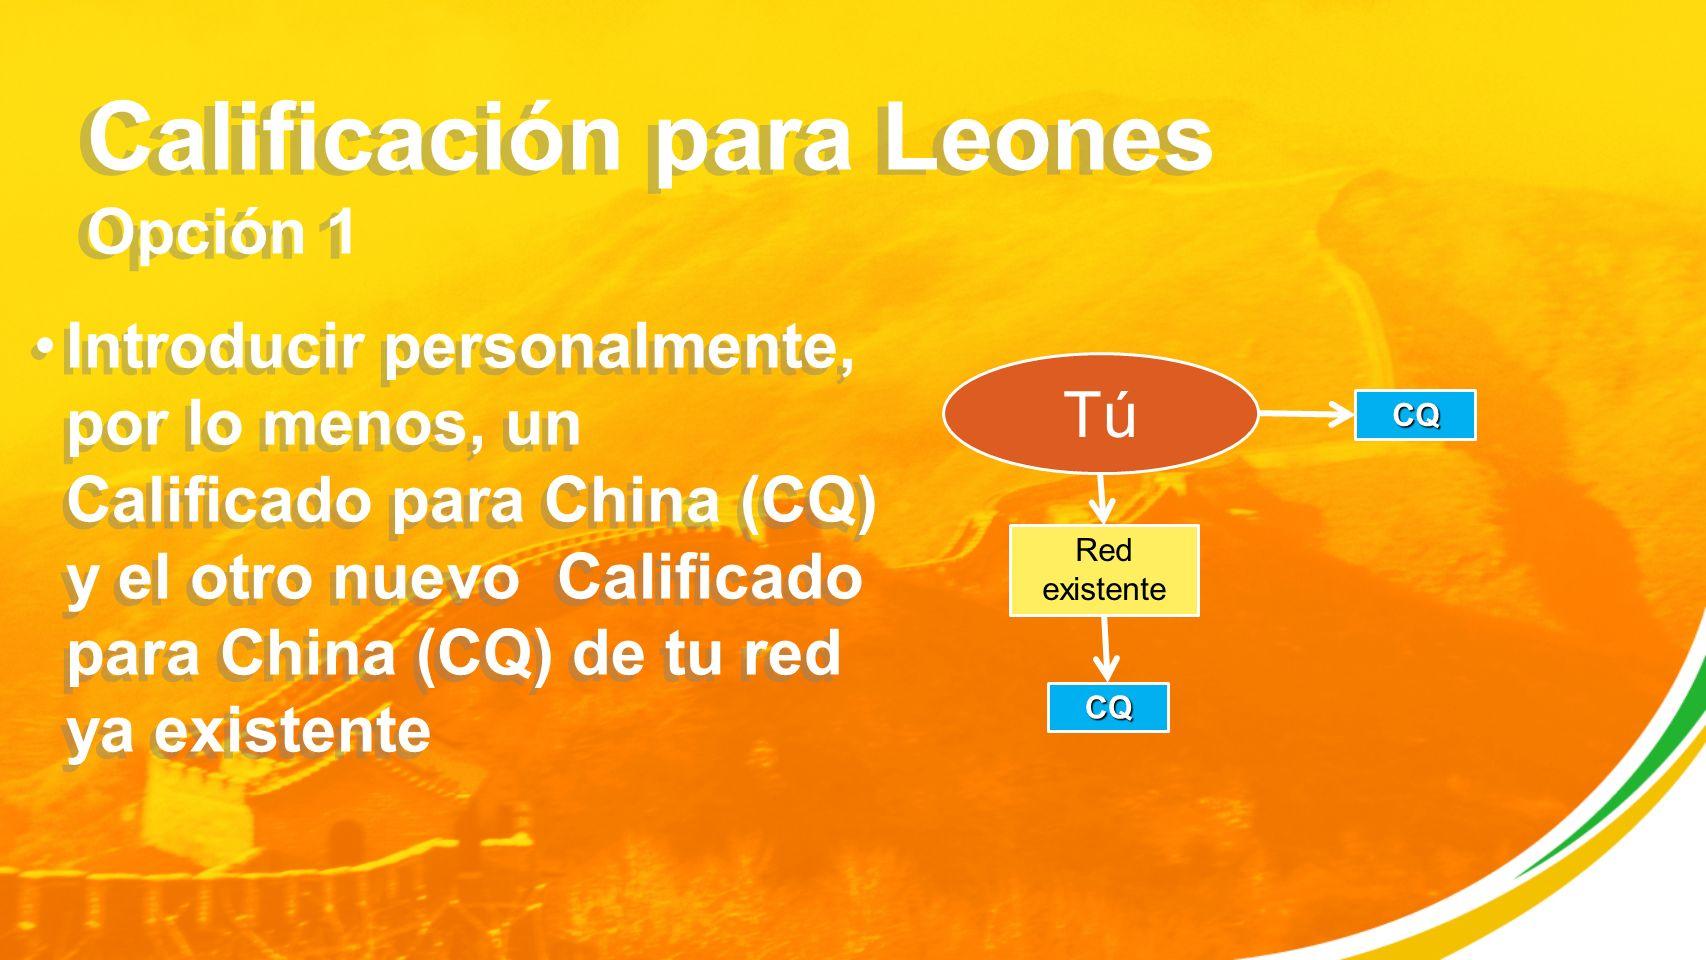 Calificación para Leones Opción 1 Introducir personalmente, por lo menos, un Calificado para China (CQ) y el otro nuevo Calificado para China (CQ) de tu red ya existente Tú CQ Red existente CQ